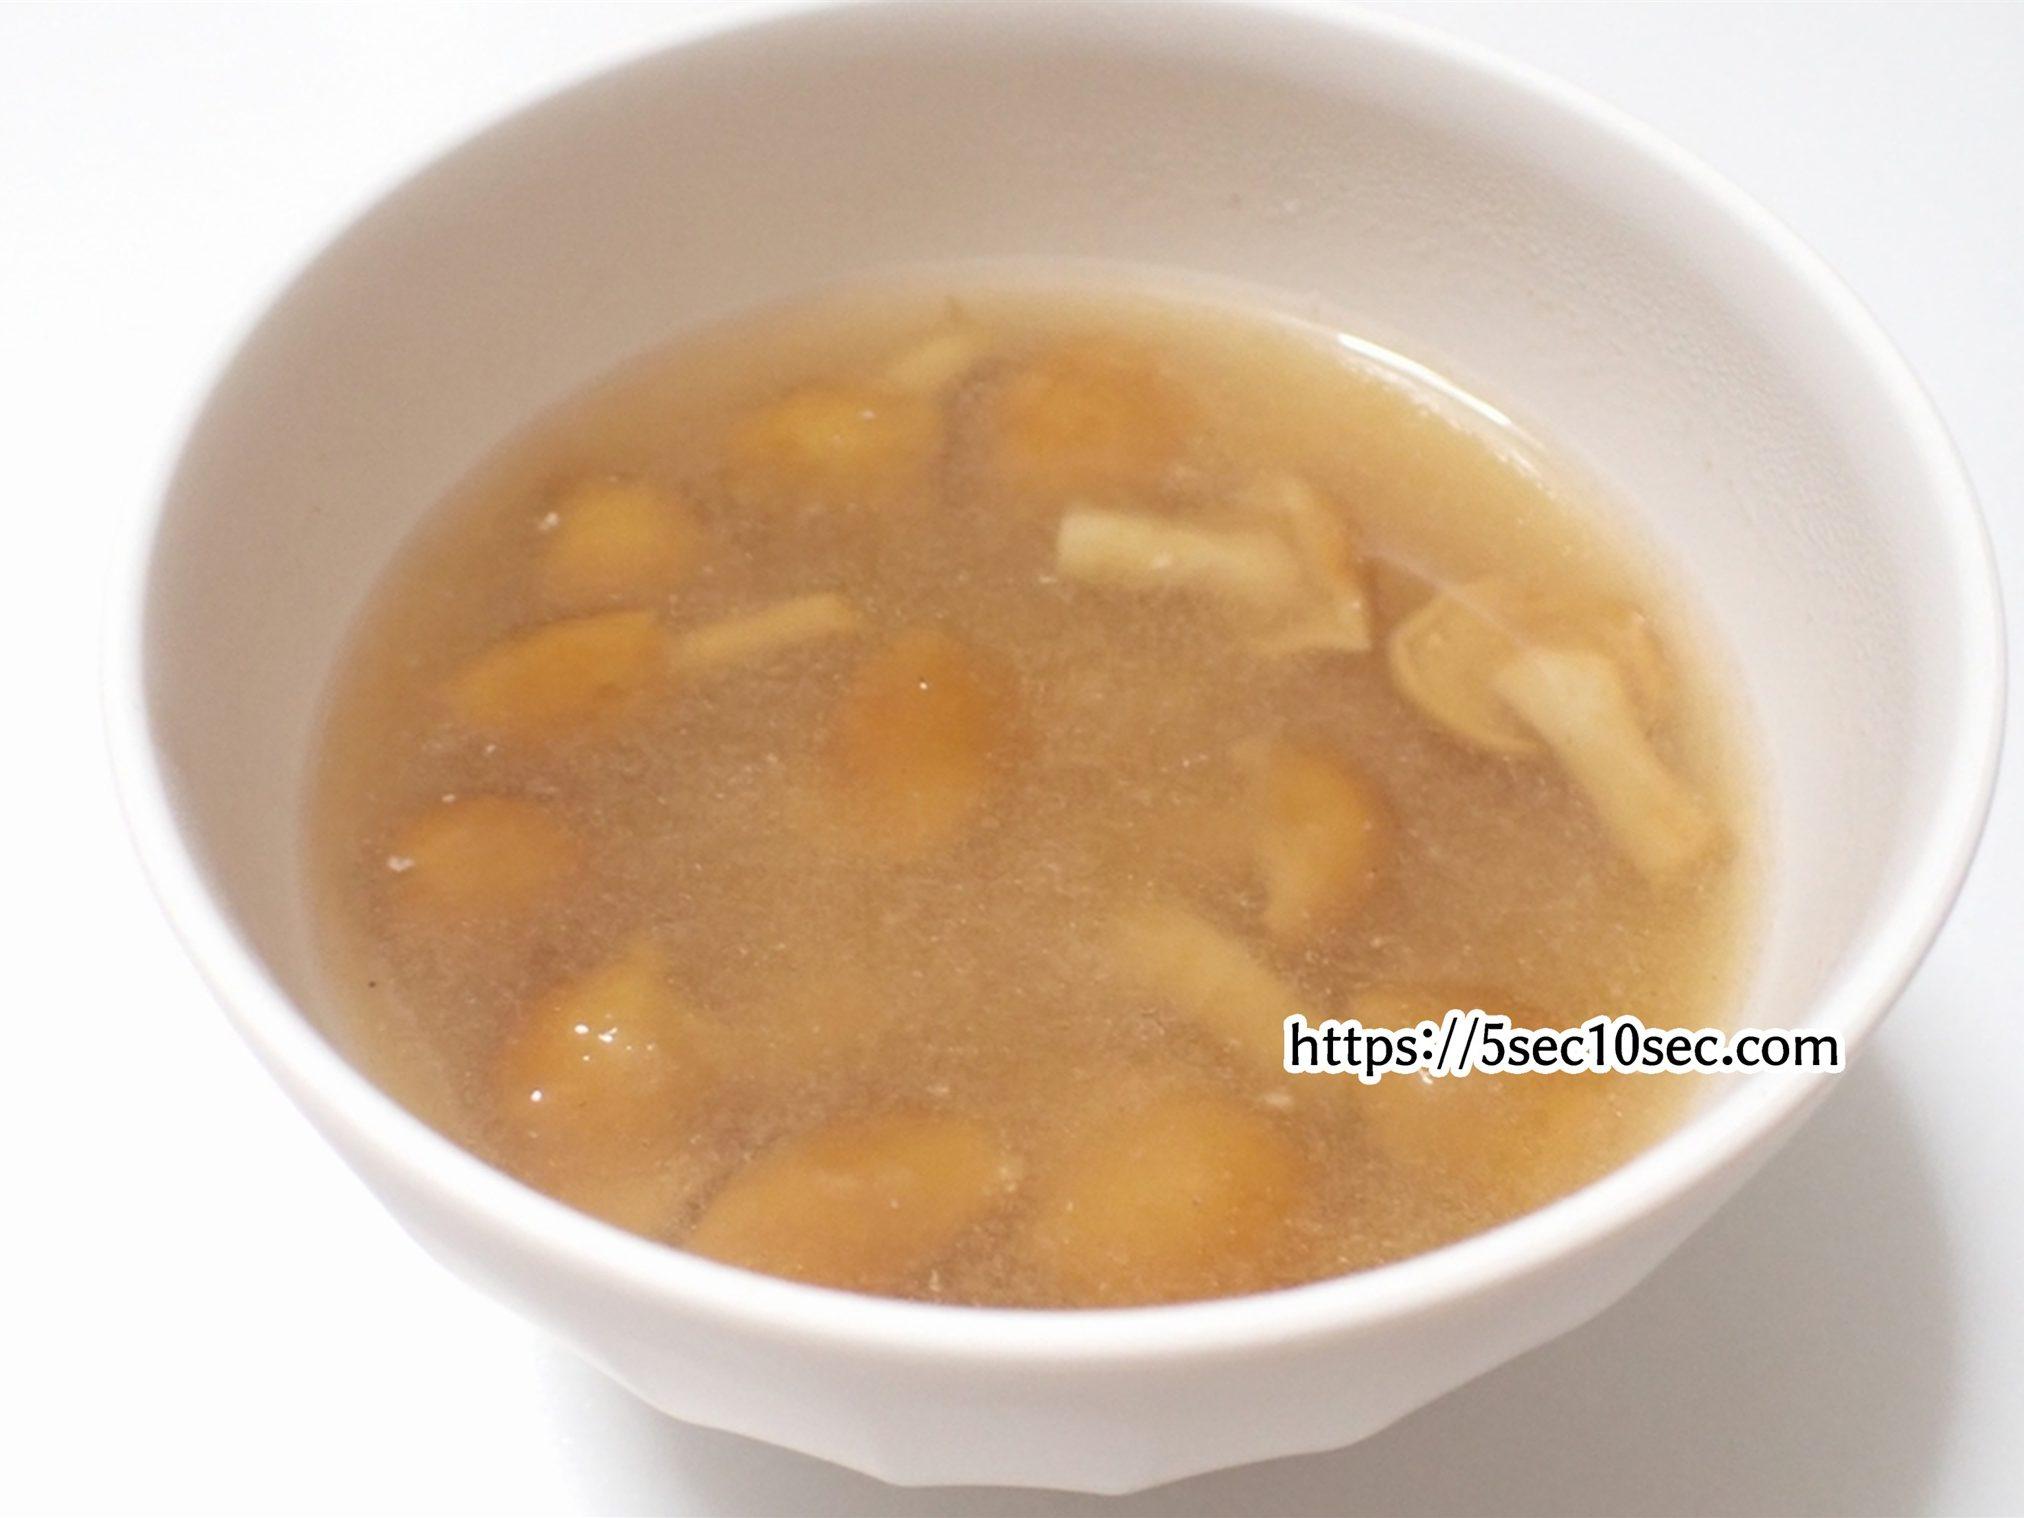 サンクゼール株式会社 久世福商店 風味豊かな 万能だし 使用例 レシピ なめこの味噌汁